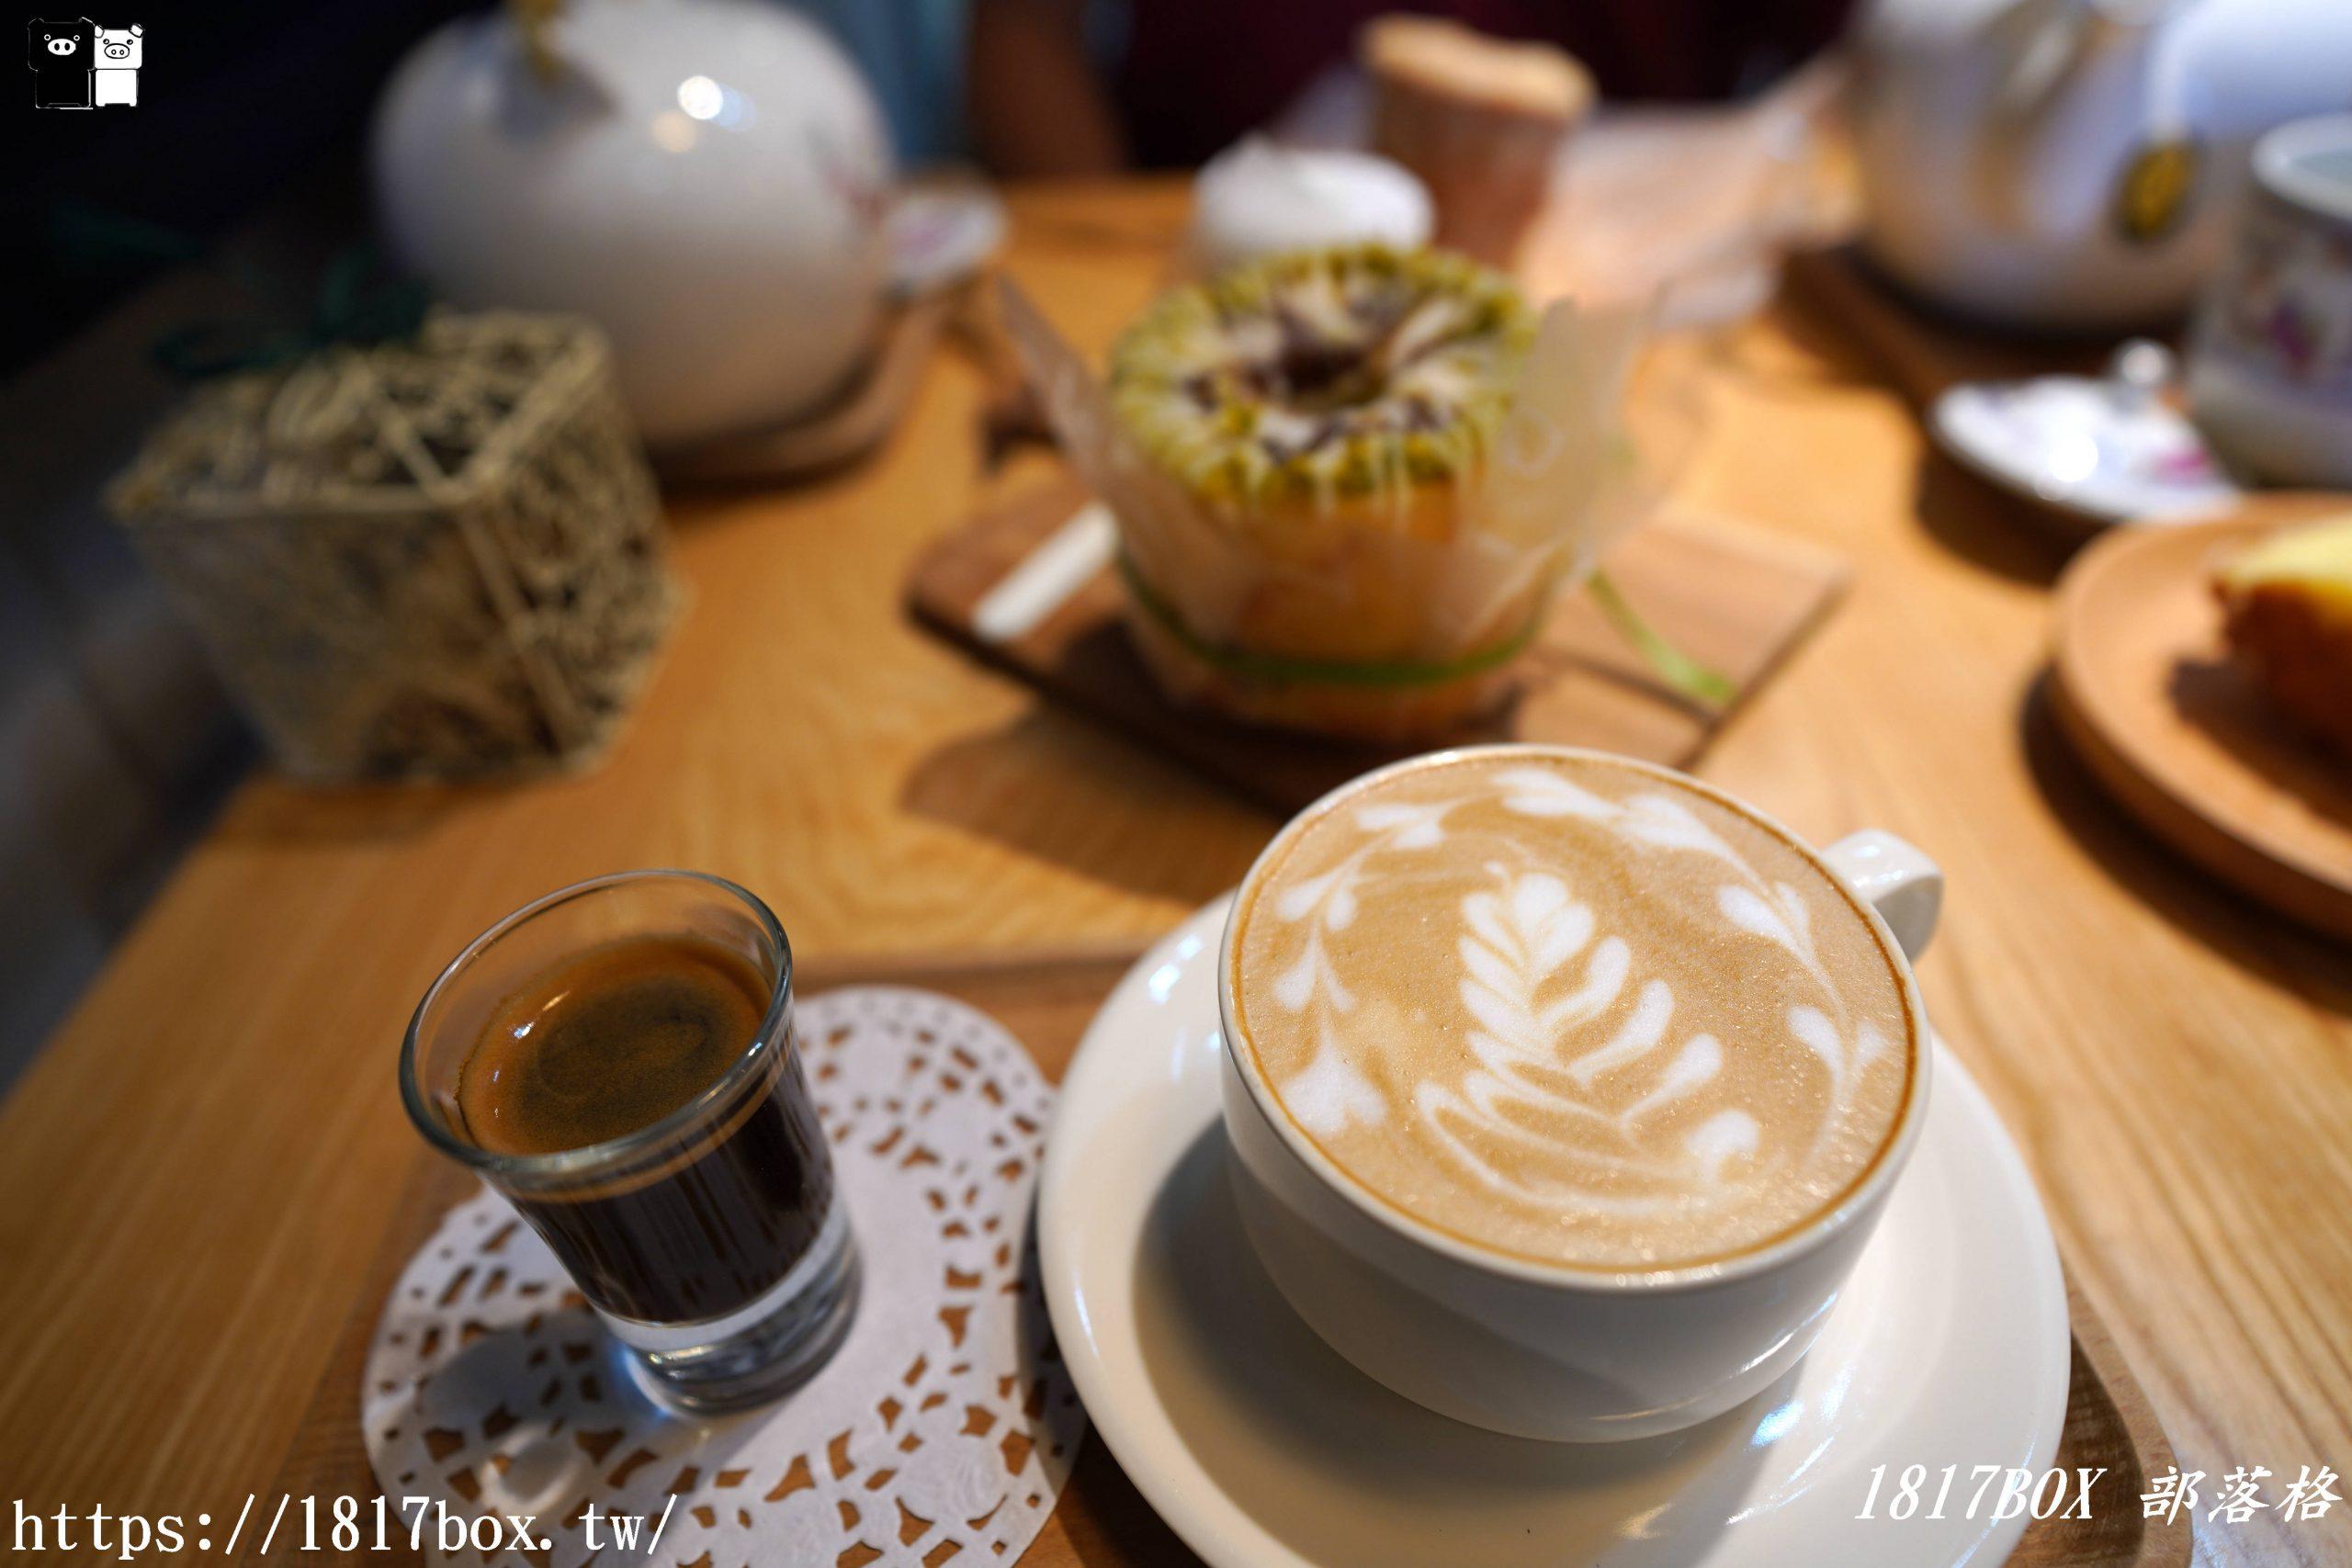 【屏東市】窗花手工甜點咖啡。公主般的浪漫下午茶 @1817BOX部落格